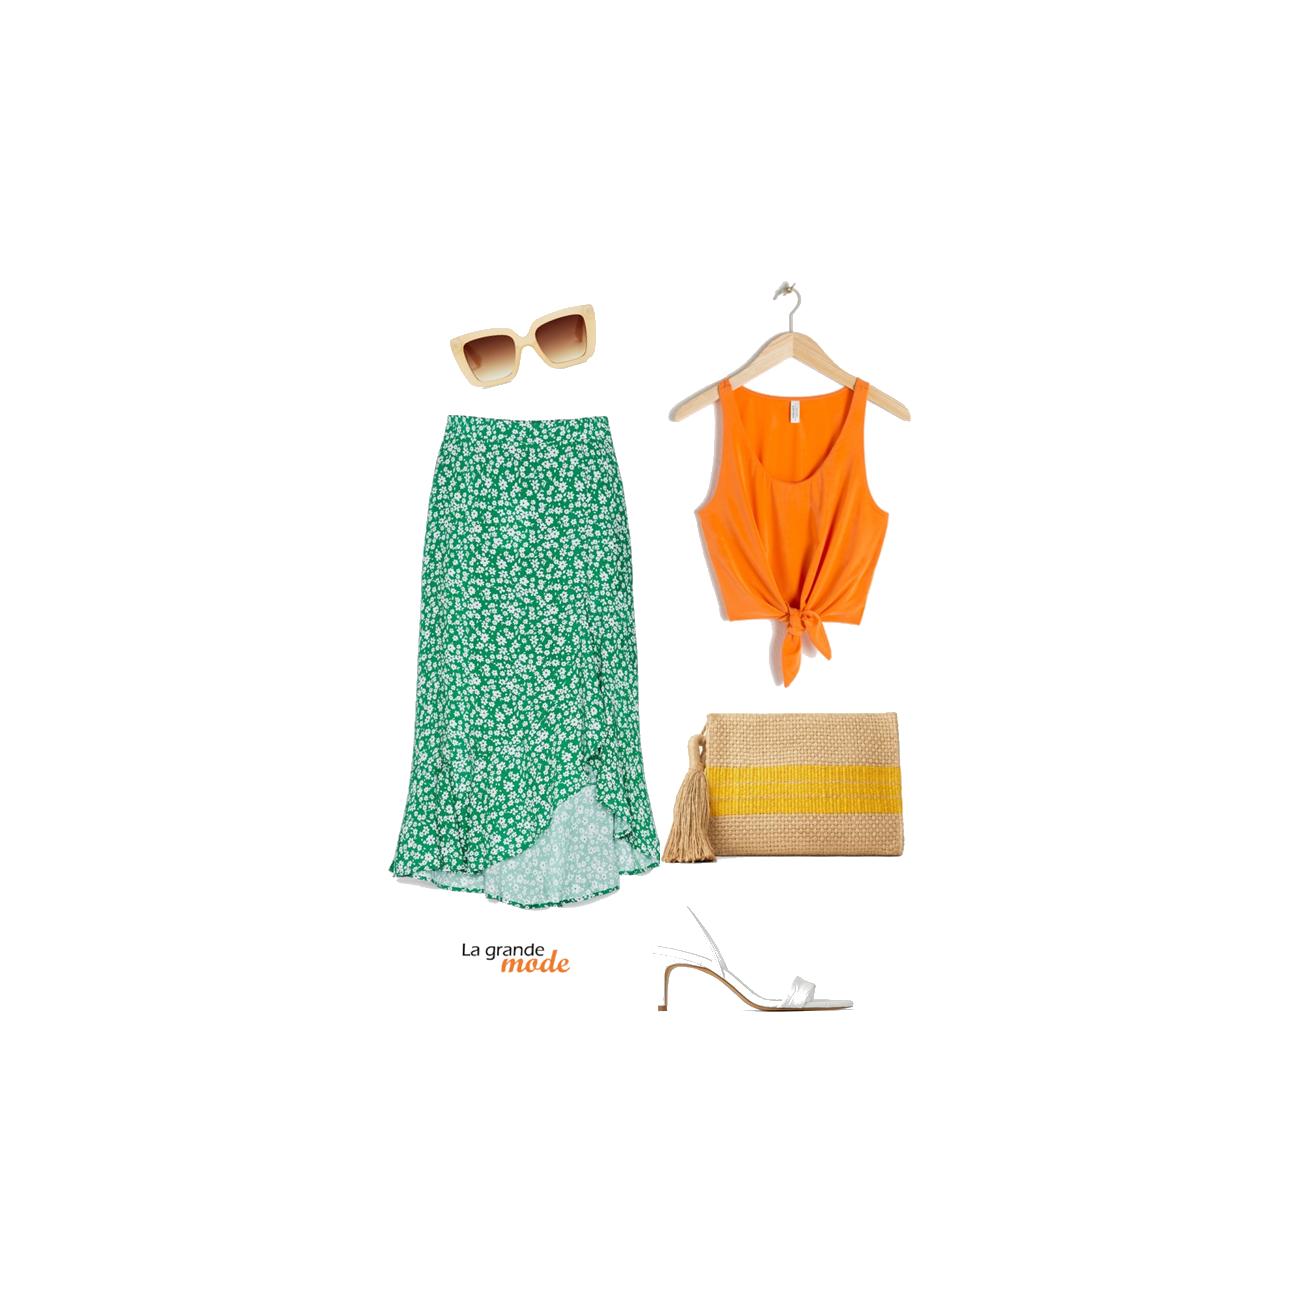 La Grande Mode - Idée look avec une jupe à fleurs - Tendance mode printemps été 2019 - SS2019